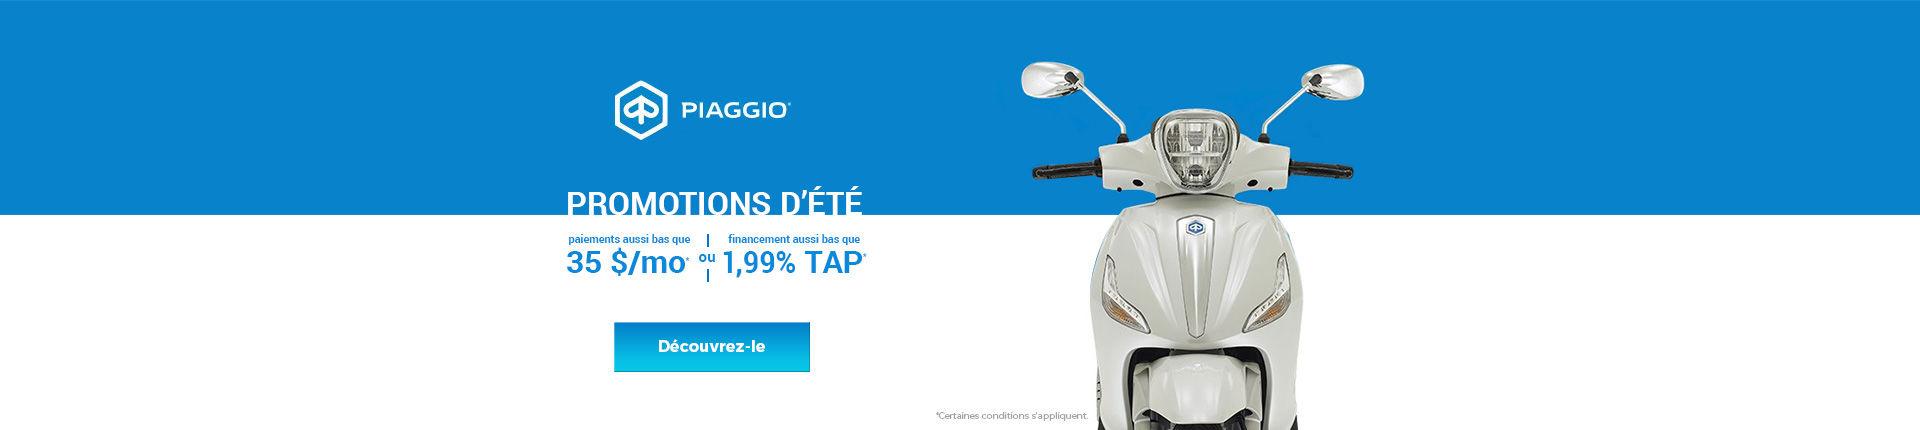 Promotions d'été Piaggio!